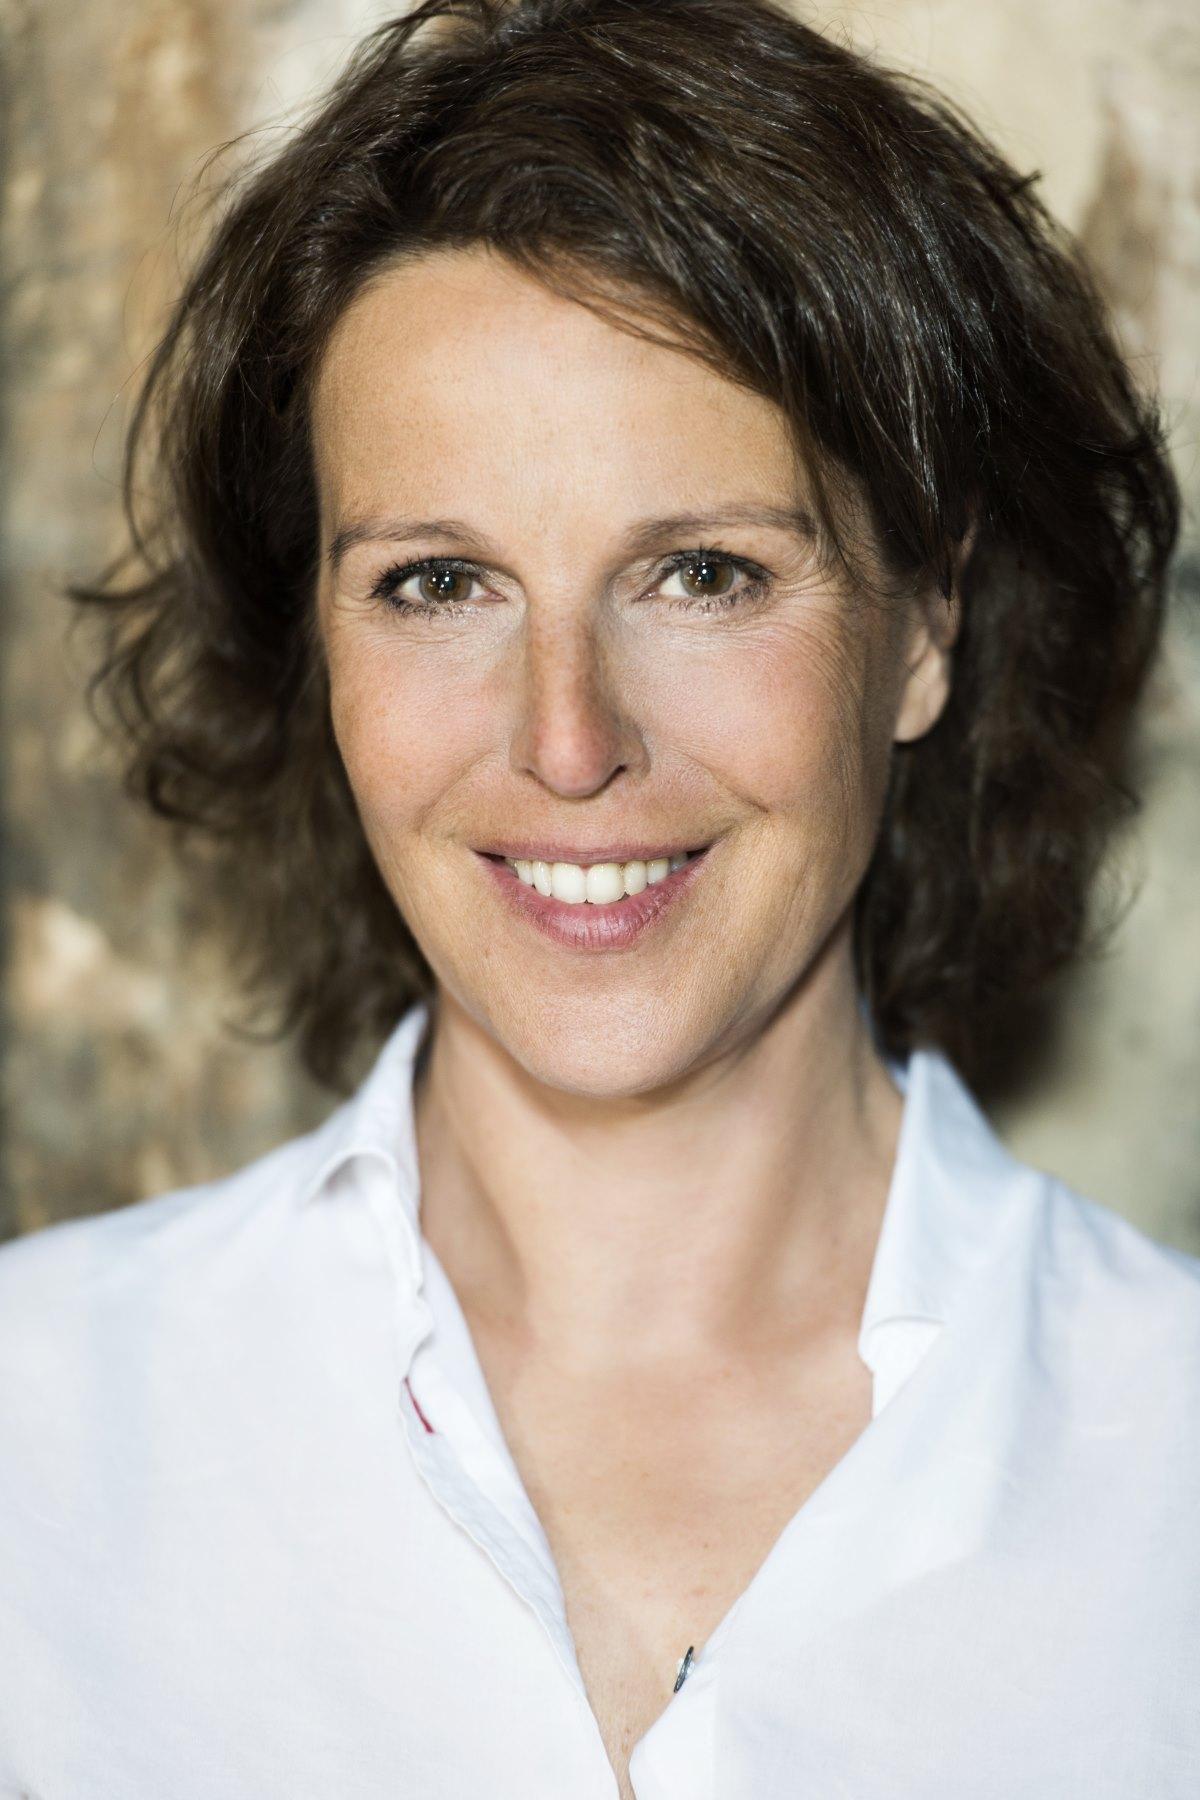 Alexa Wiegandt